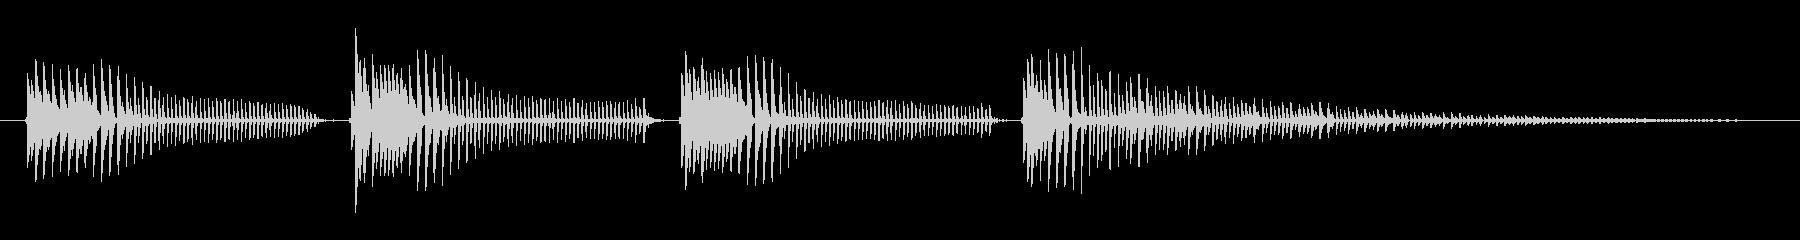 バスケットへ:低音口ハープの結合の未再生の波形